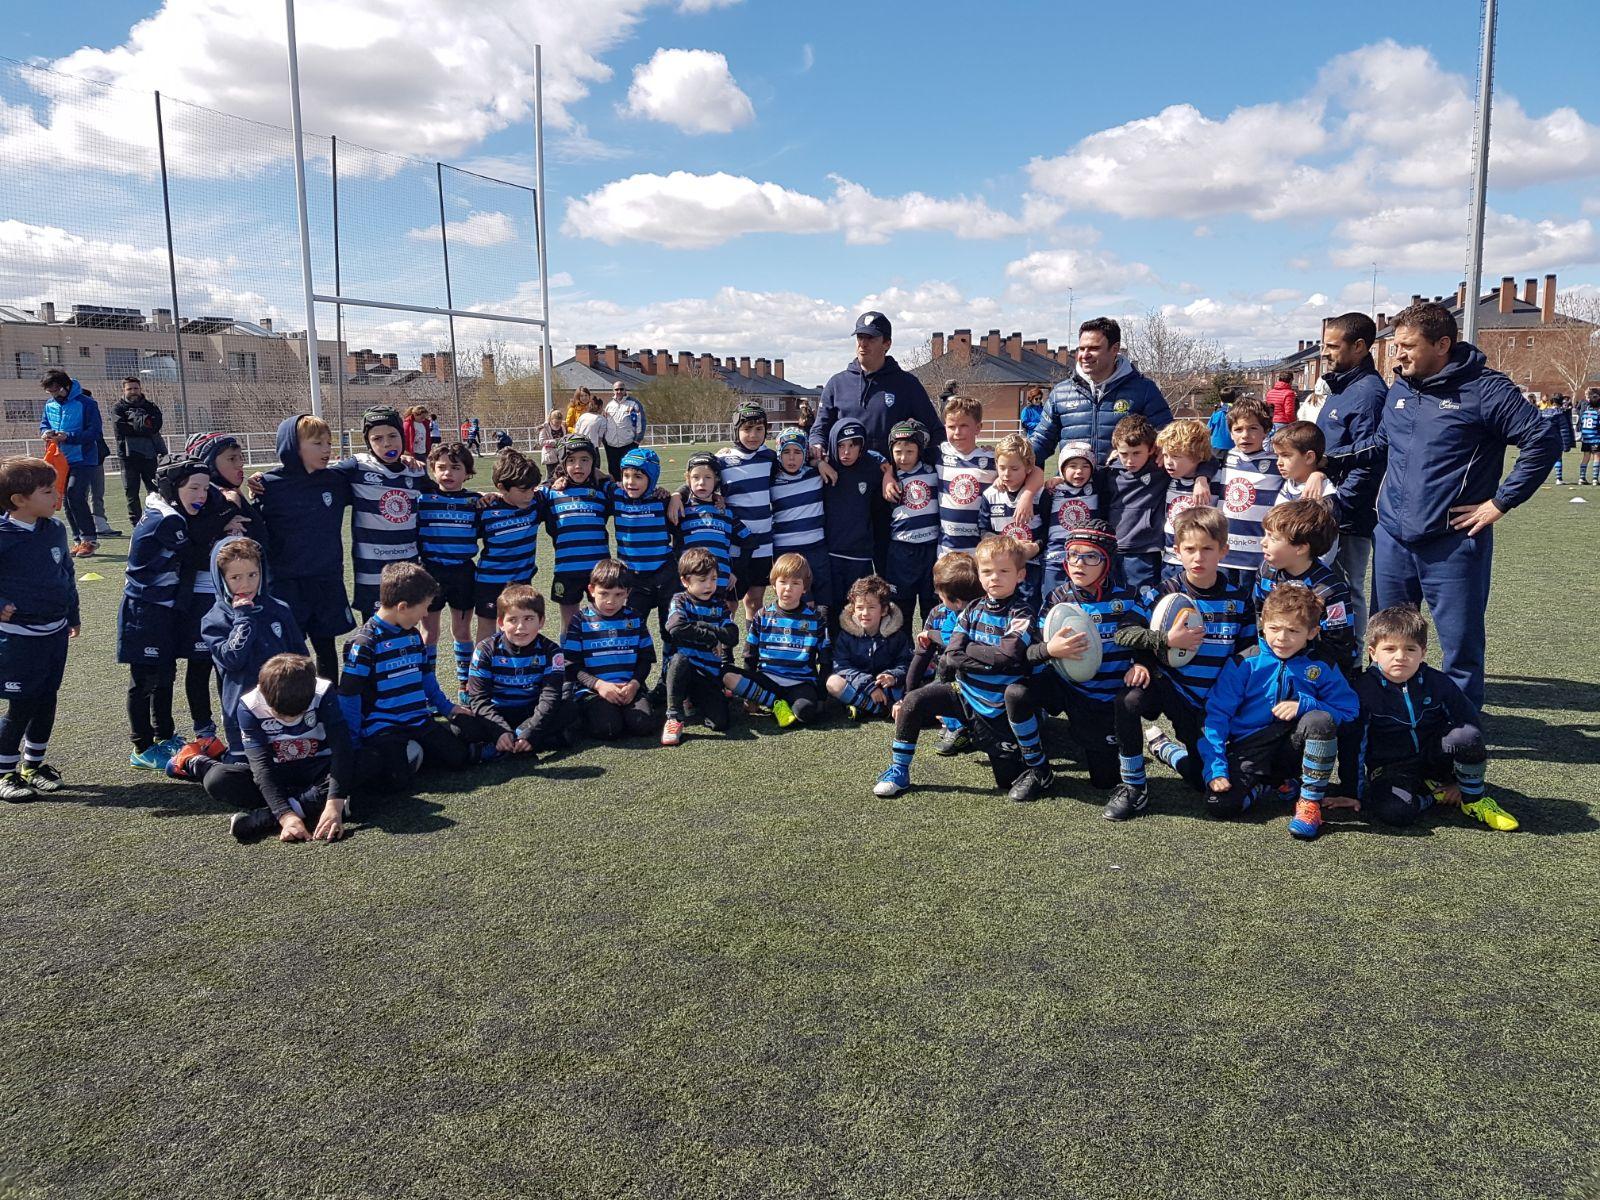 El Trocadero Marbella participa en VI Torneo Internacional Las Rozas & 50° Aniversario Liceo Francés